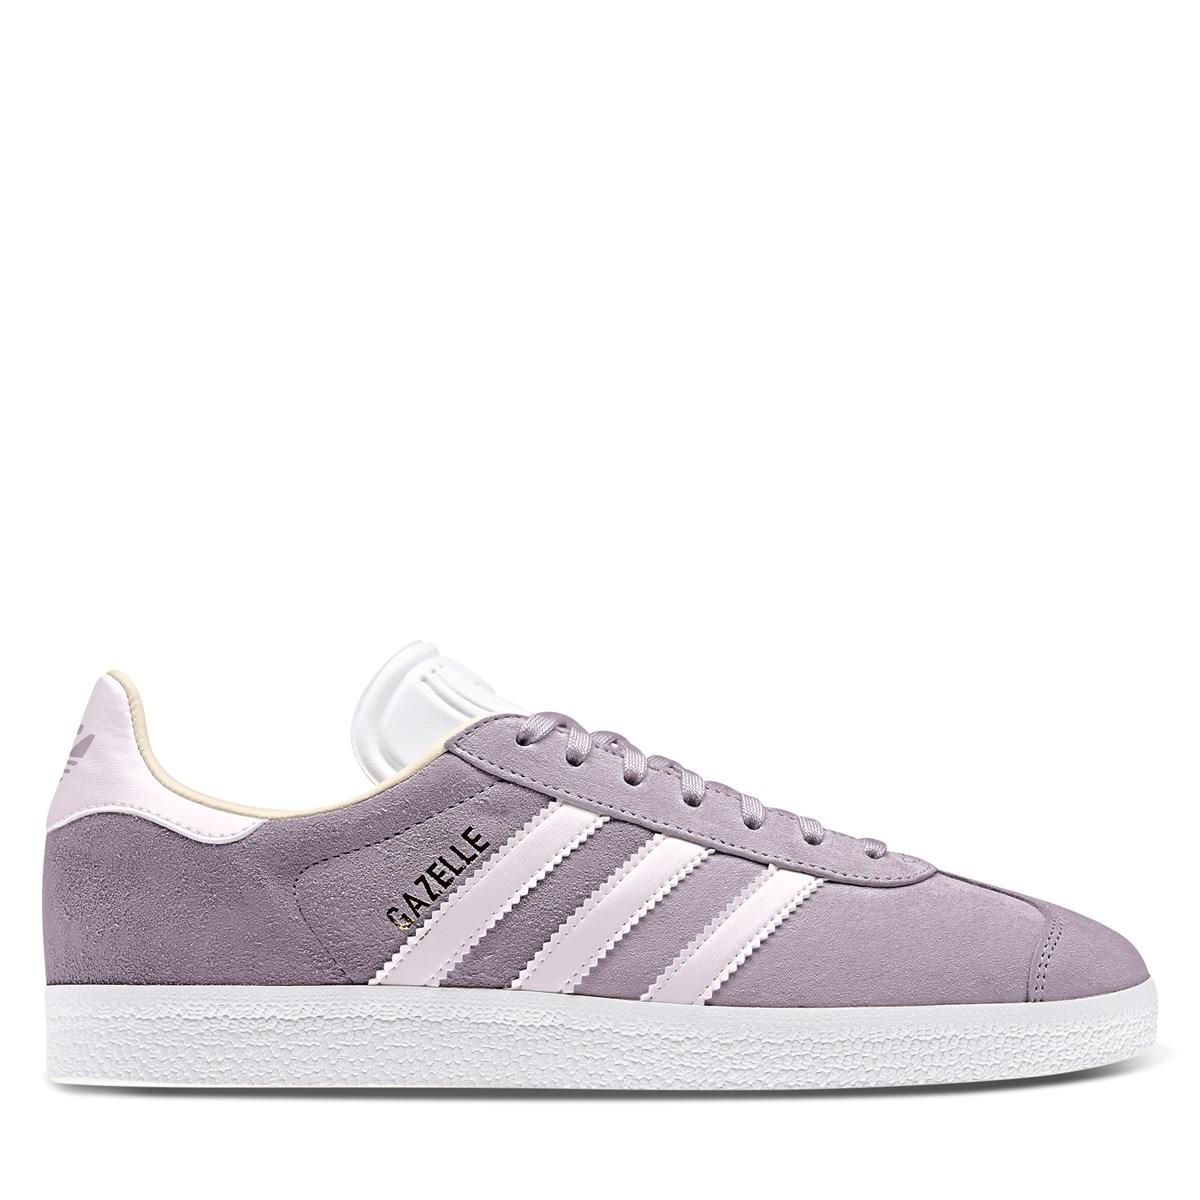 Women's Gazelle Sneakers in Light Purple